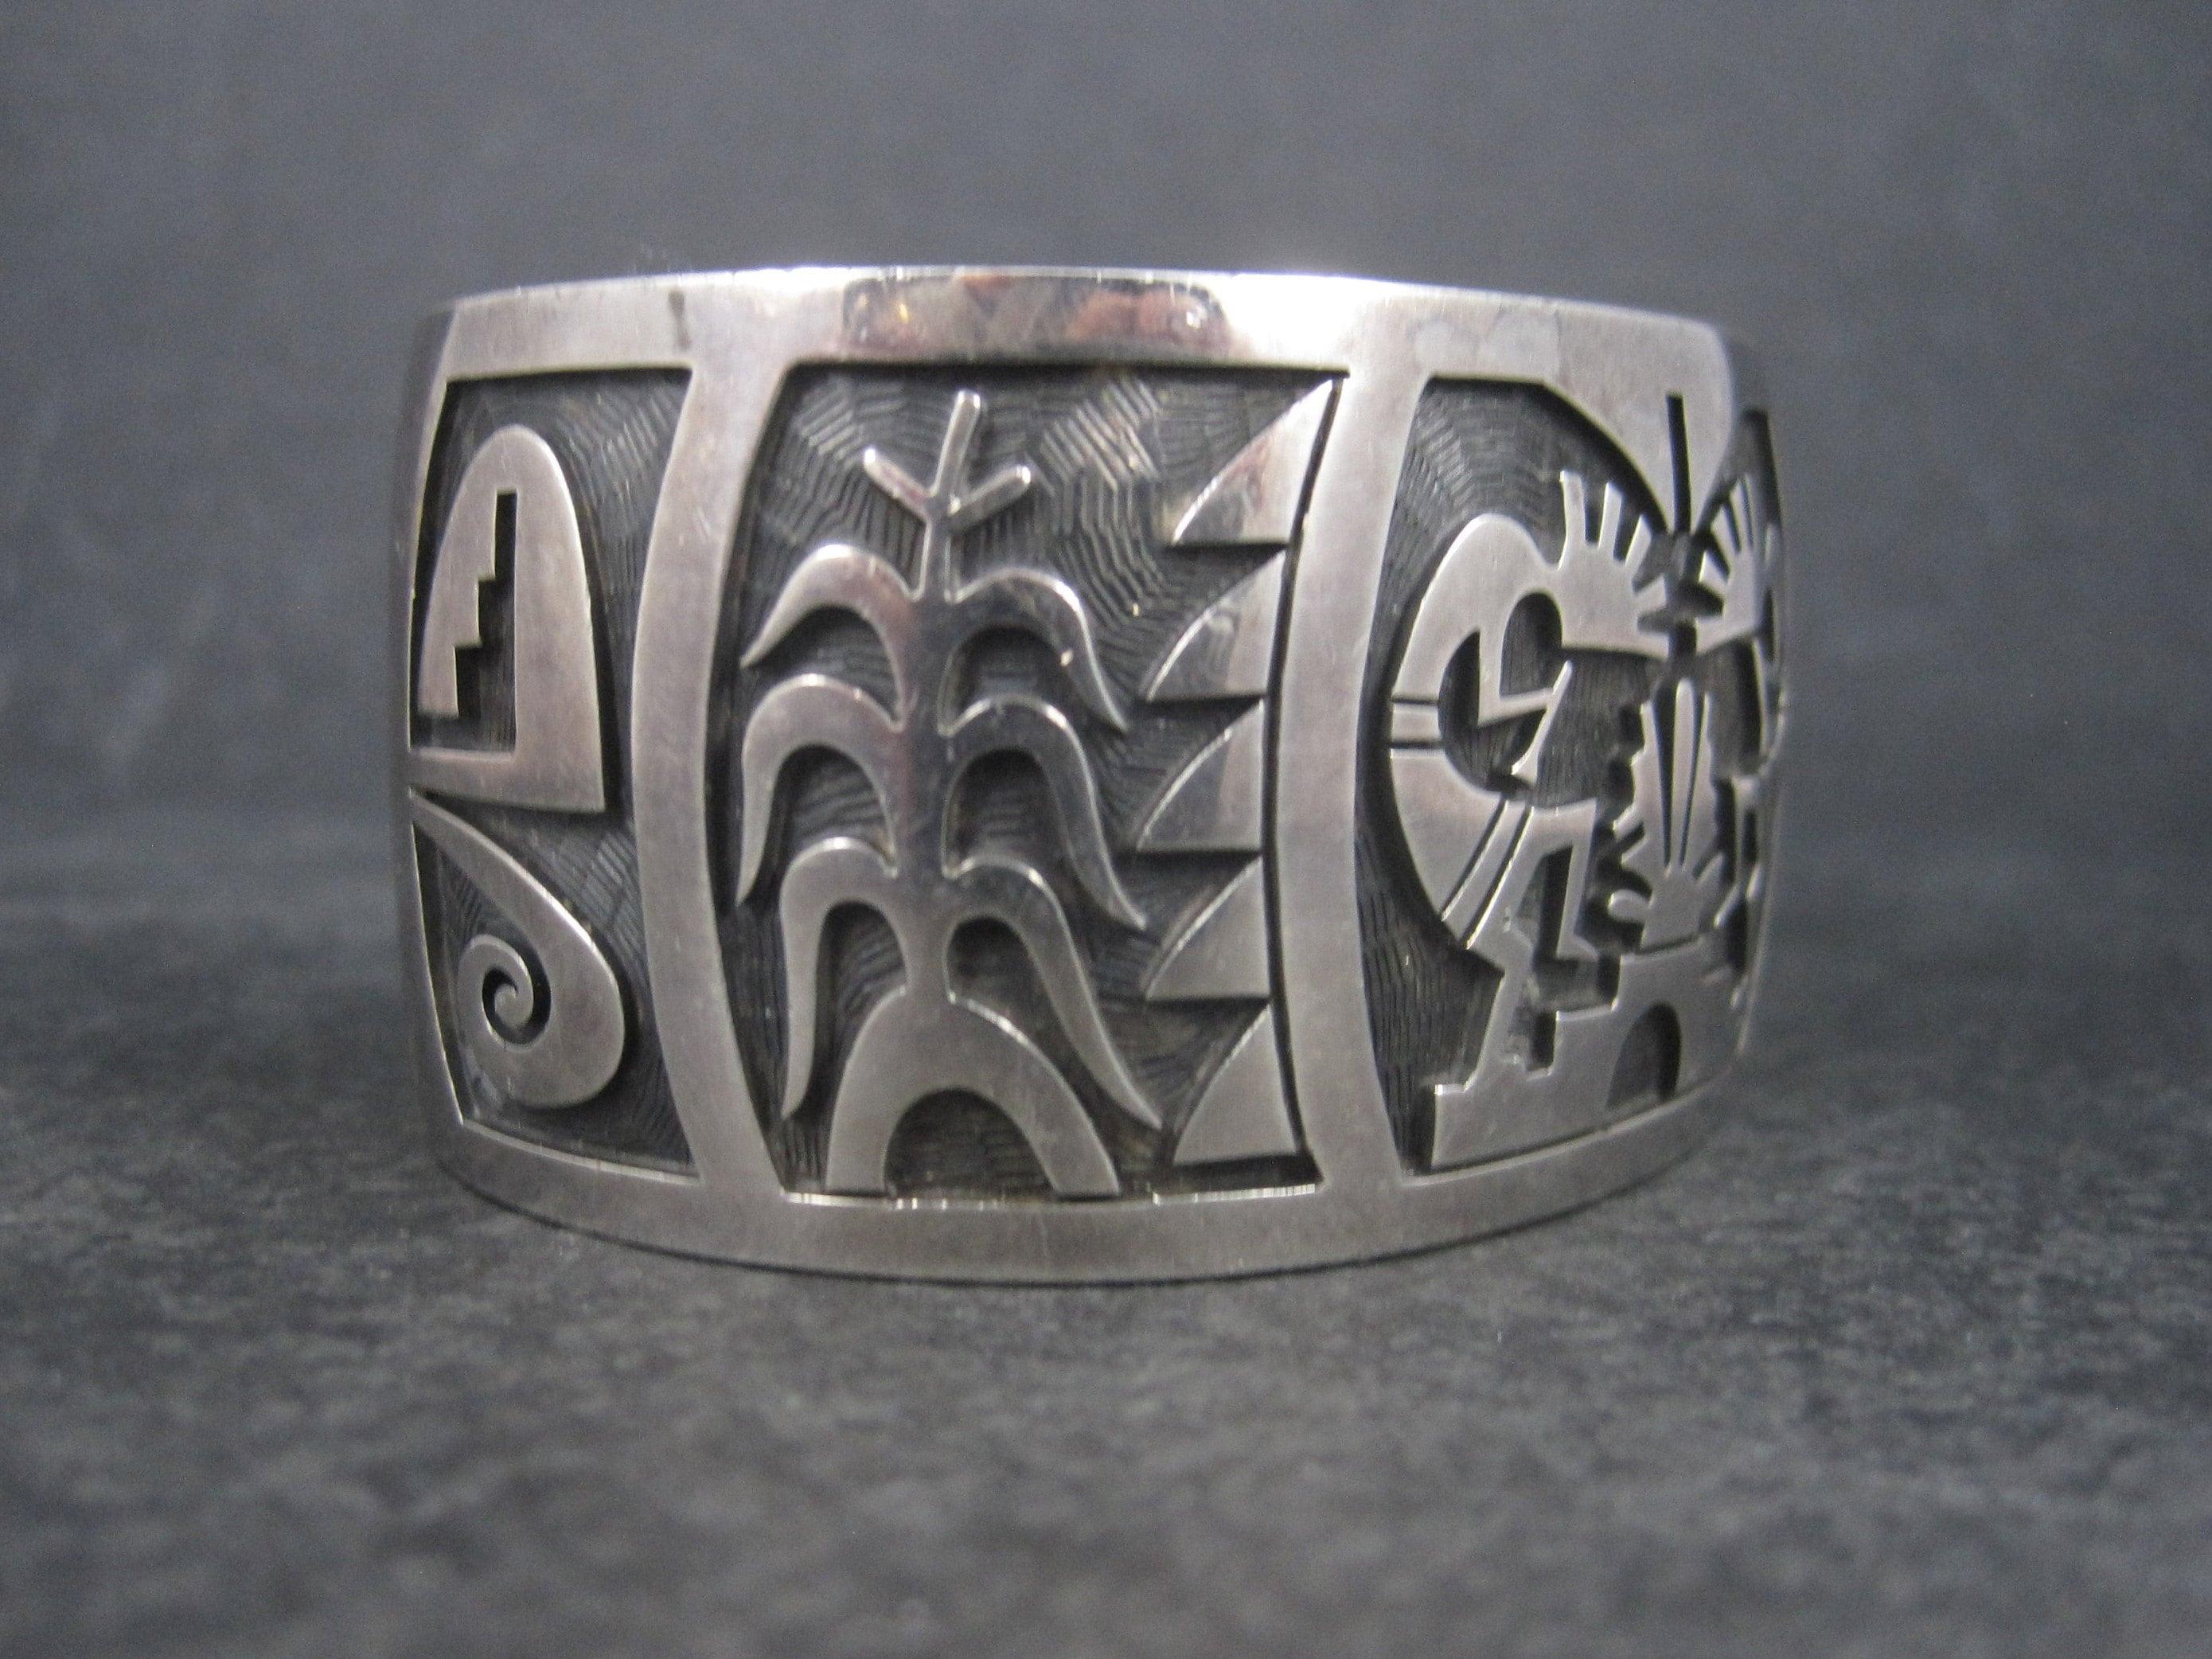 Vintage Hopi Cuff Bracelet from Bejeweled Emporium